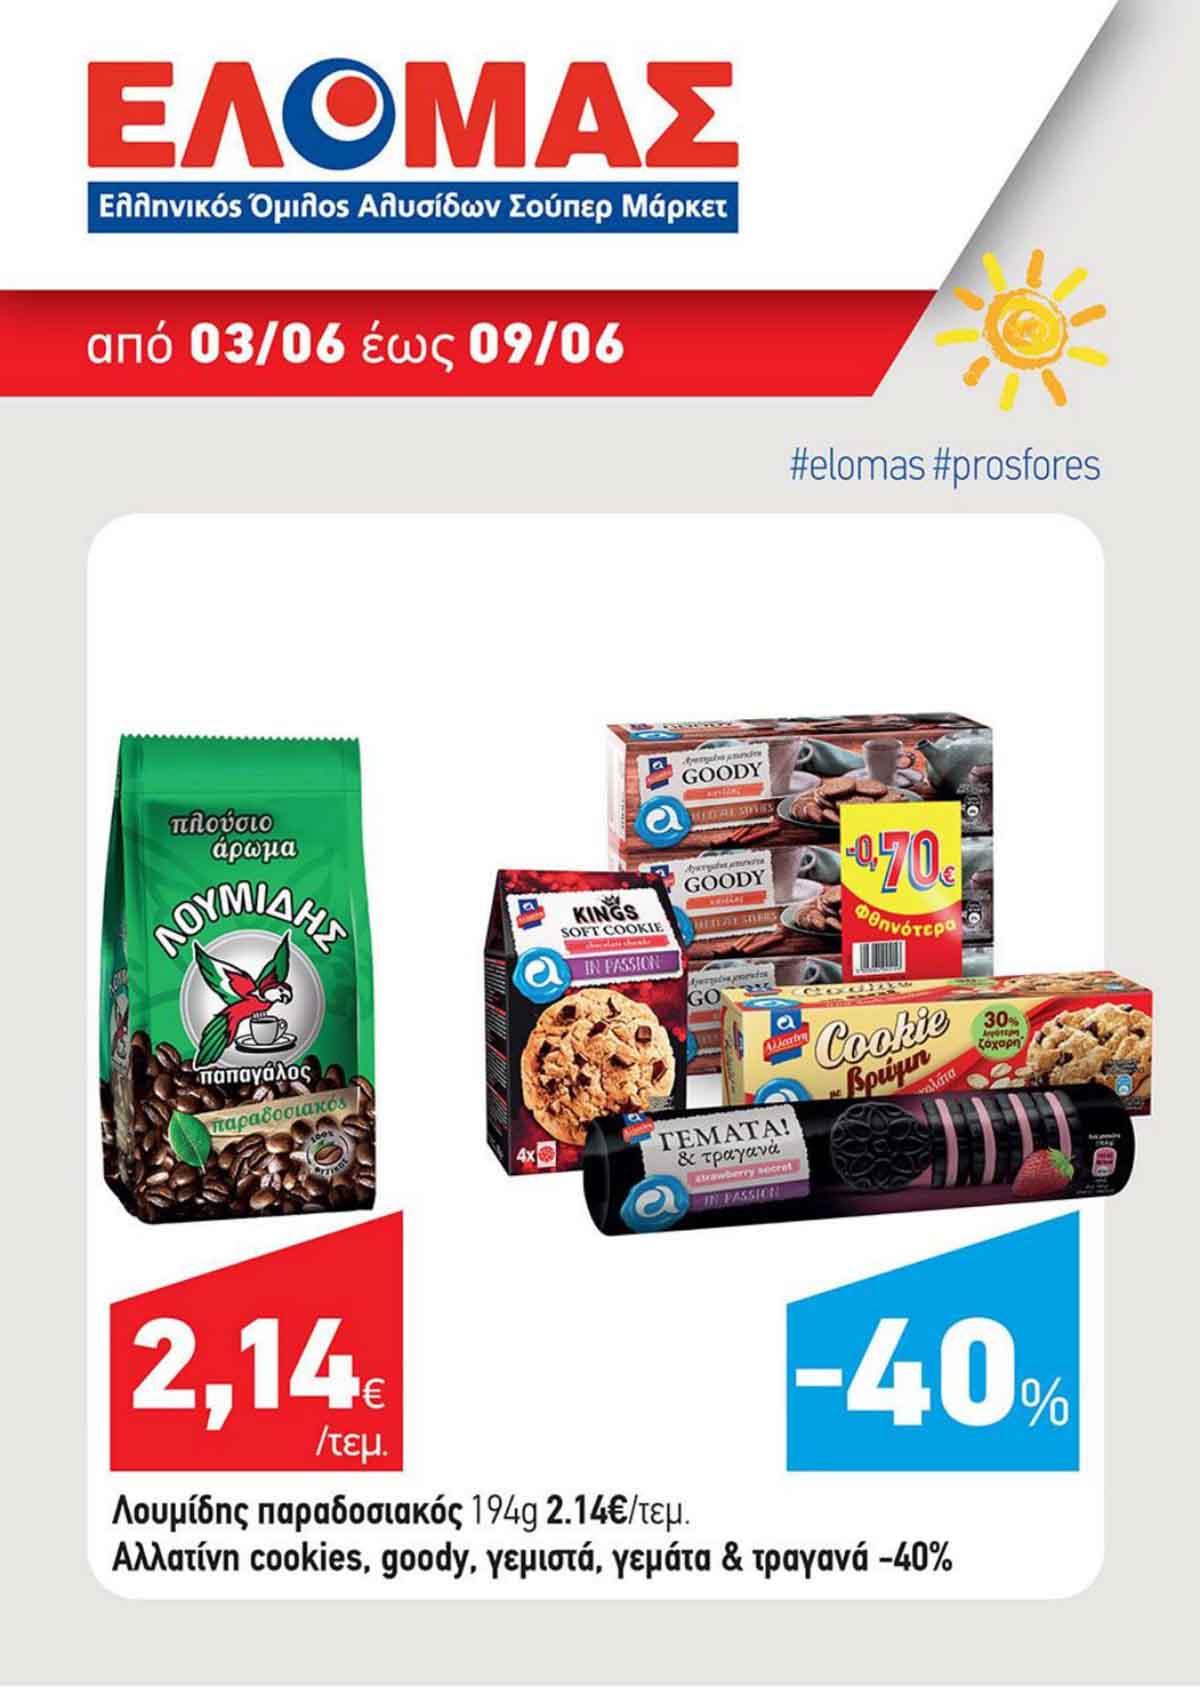 elomas-fylladio-prosfores-elomas-super-market- (2)